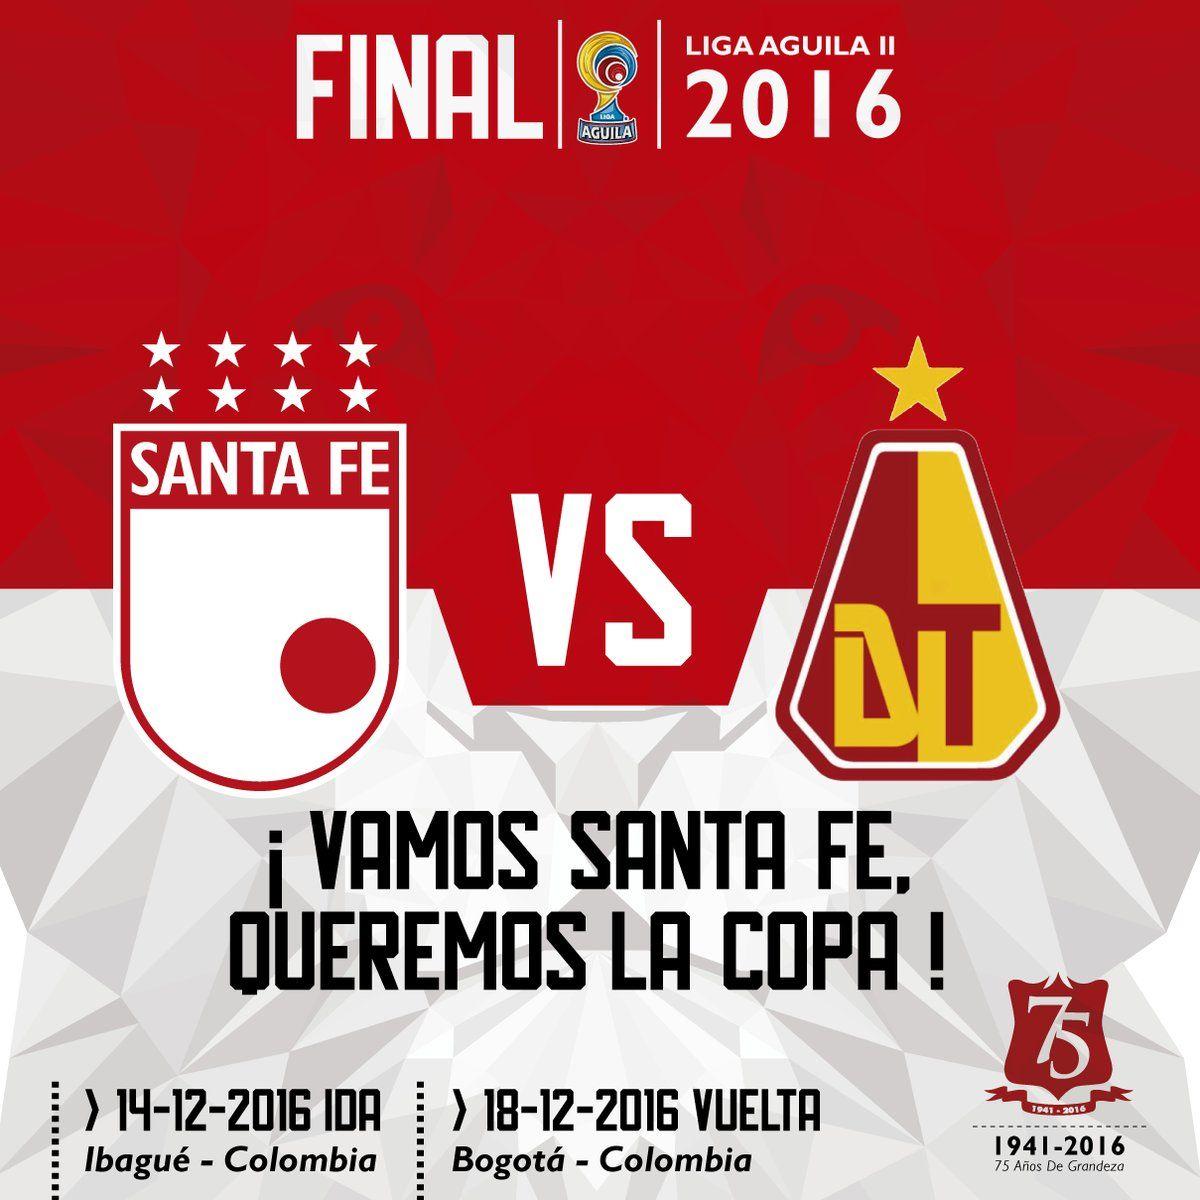 RT @SantaFe: 5 años, 11 finales ¡#VamosLeón,180 minutos de fútbol, sangre y corazón por una copa más! #SomosSantaFeDeBogotá https://t.co/ndQhntJzzg